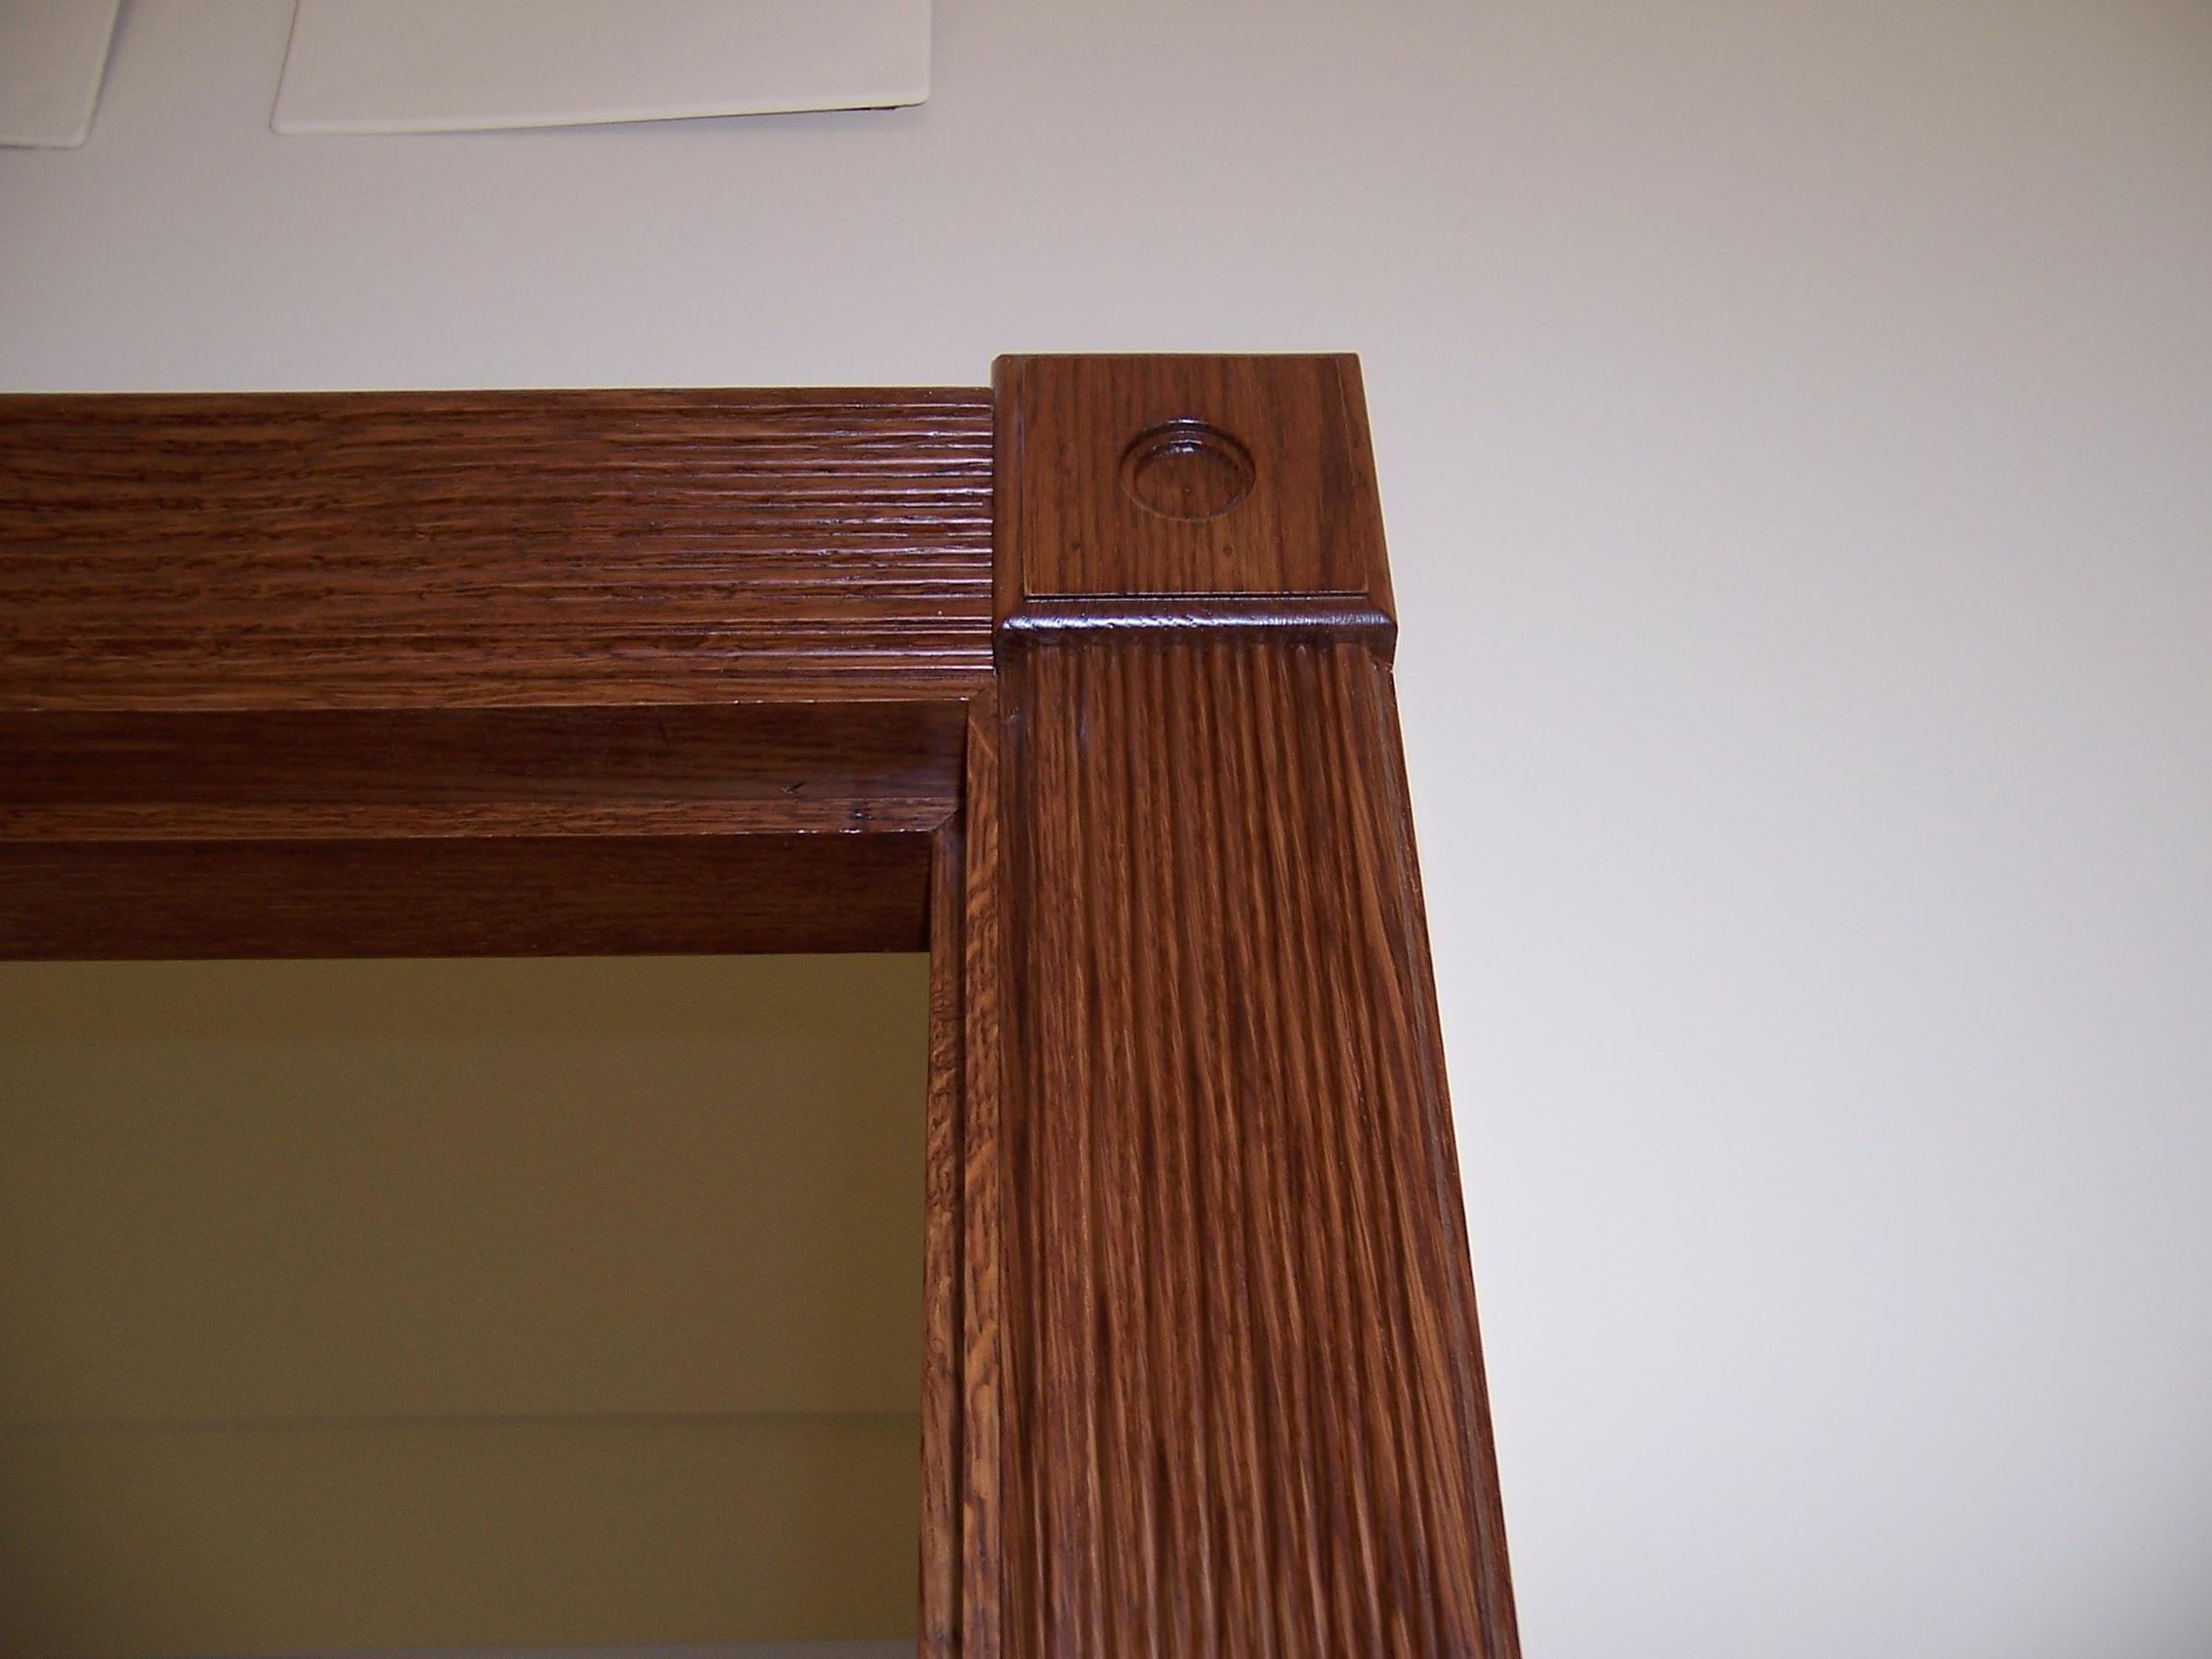 Puertas carpinter a juan pedro s nchez cascales for Pintura para marcos de puertas y ventanas